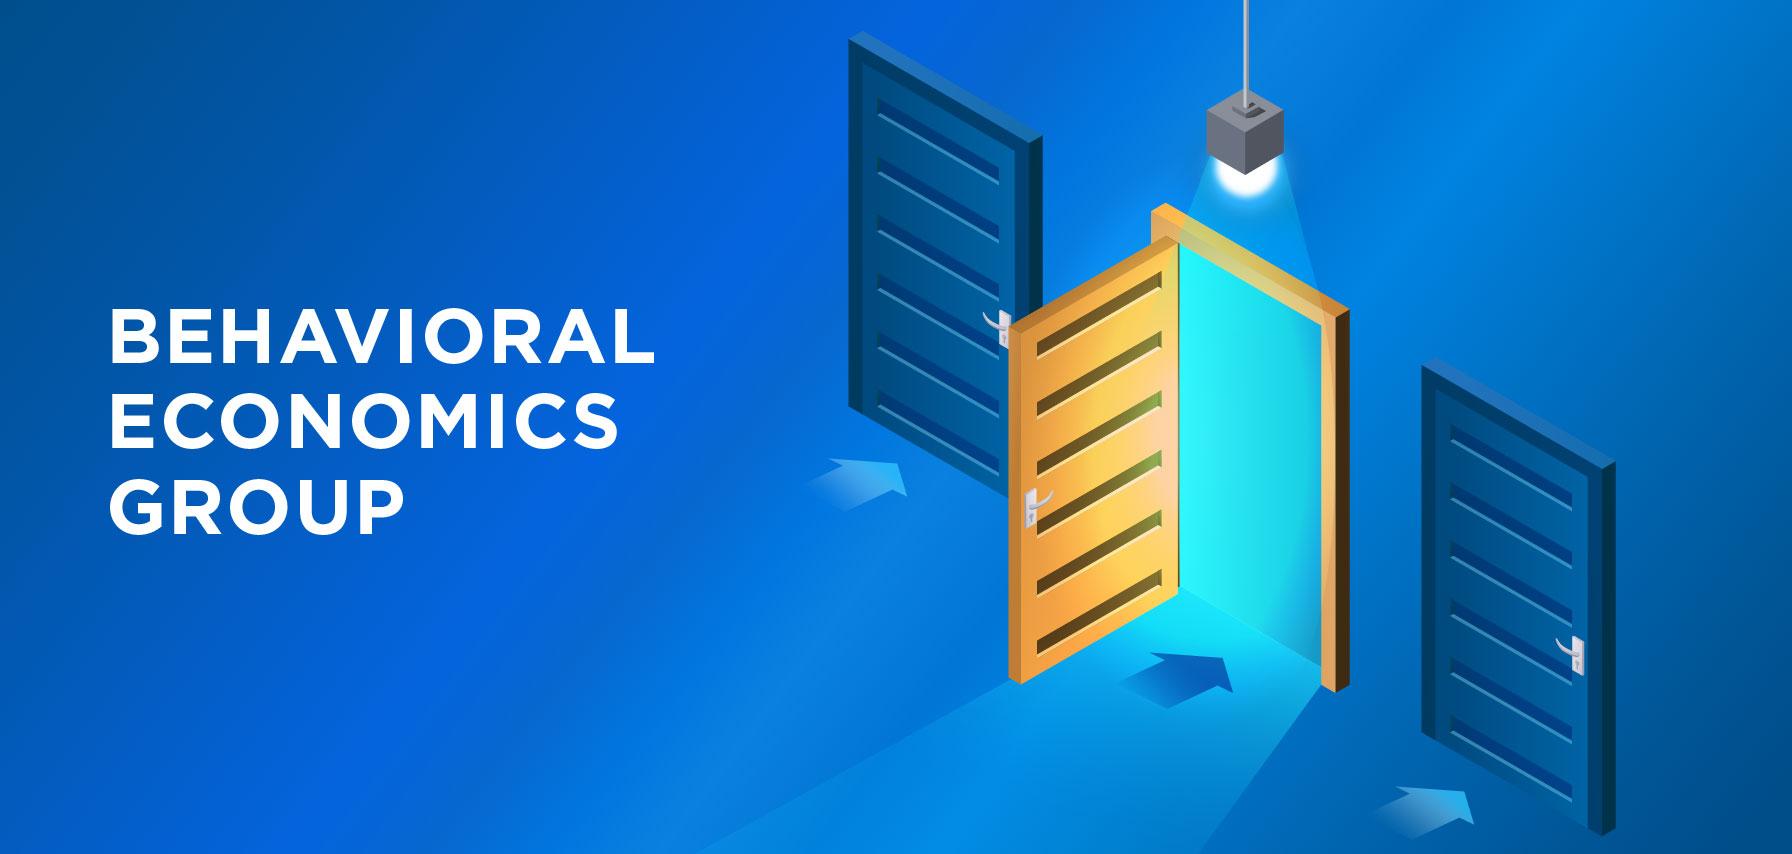 Behavioral Economics Group